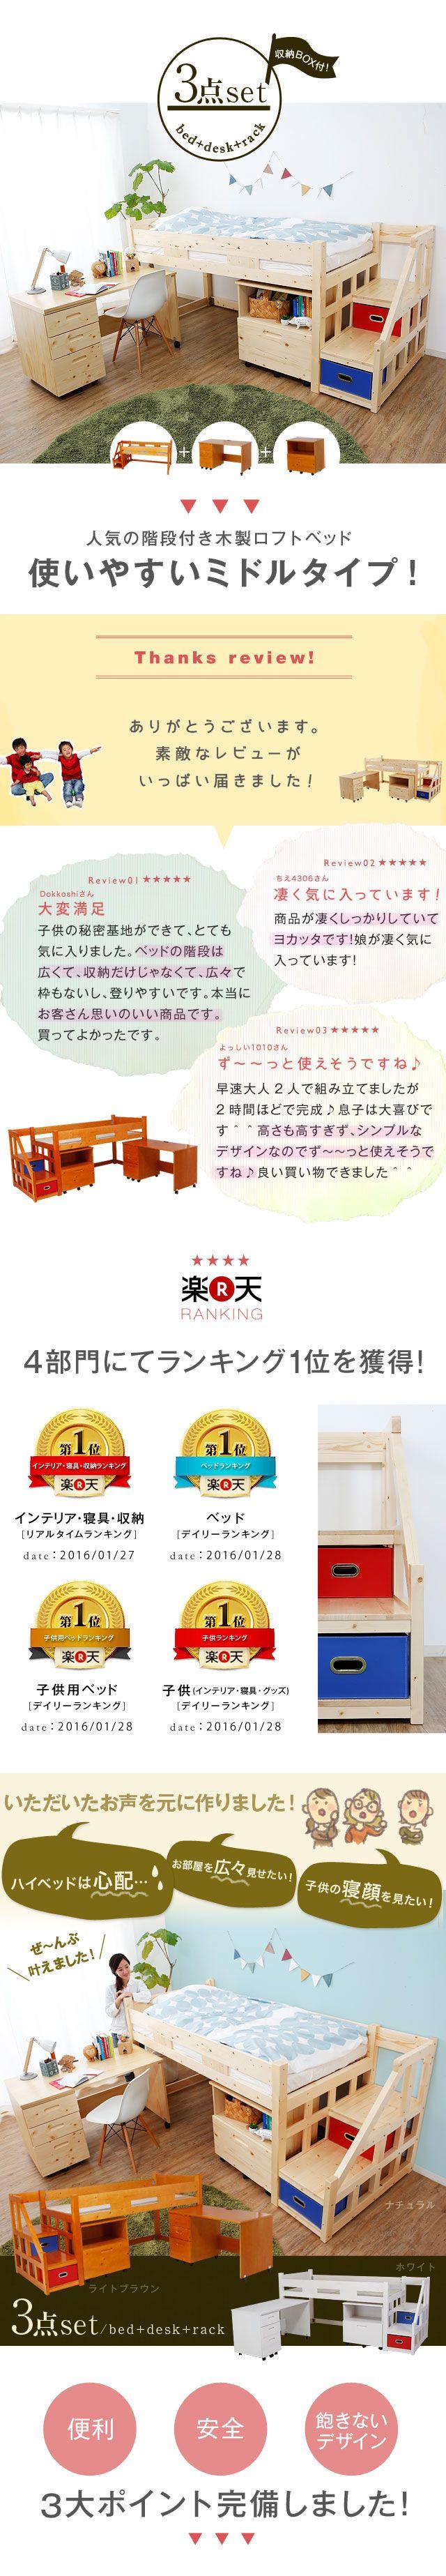 インテリア家具のララスタイル - LaLa Style - 。ロフトベッド 木製 システムベッド デスク付き  階段 階段付き ベッド ロータイプ ミドル 収納 机 デスク チェスト 学習机 ロフトベット ベット シングル ベッドデスク ベッドタイプ ユニットベッド